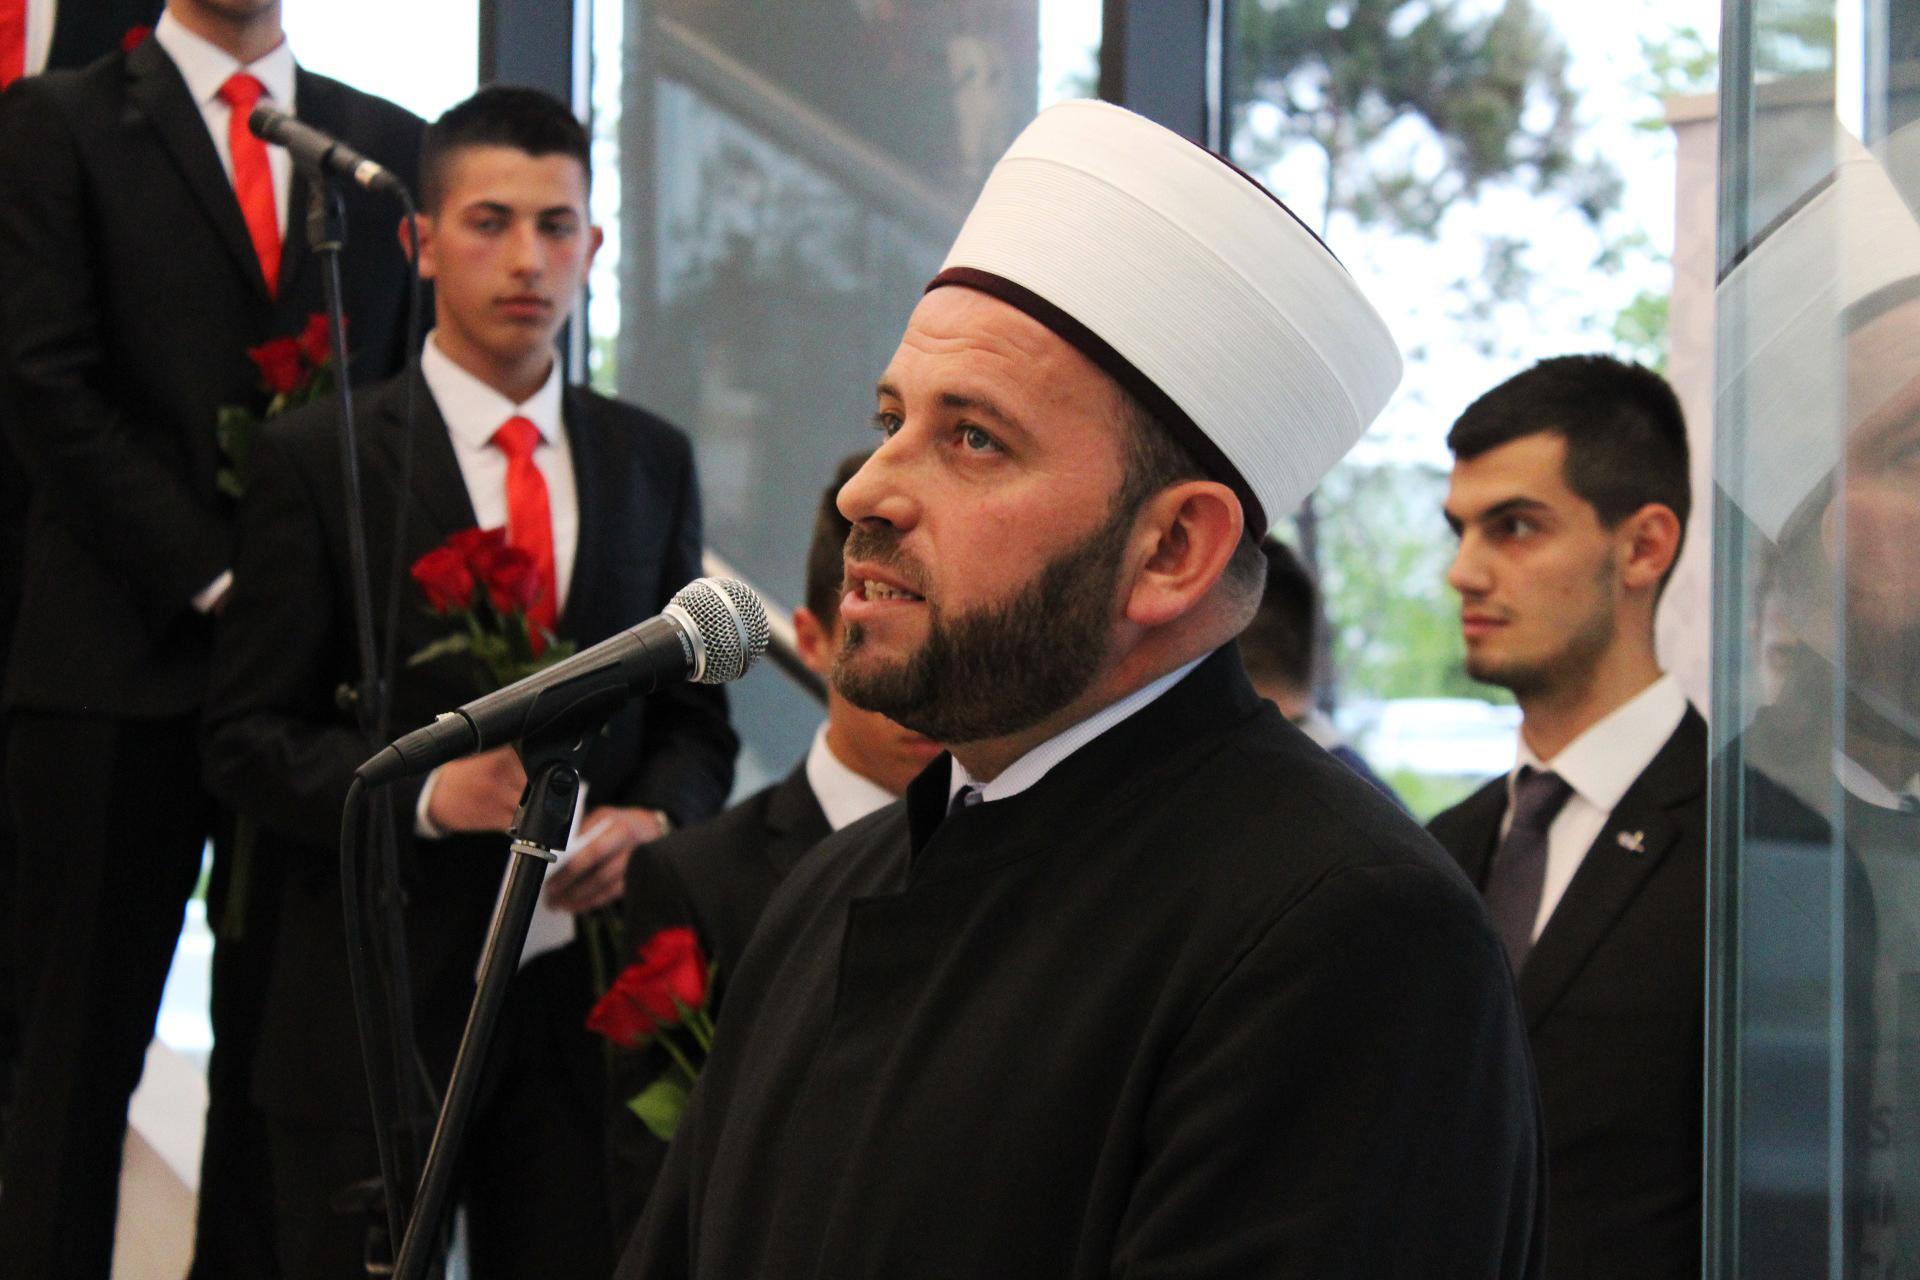 Reisul-ulema islamske zajednice u Crnoj Gori Rifat Fejzić prilikom držanja govora na otvorenju Izložbe.